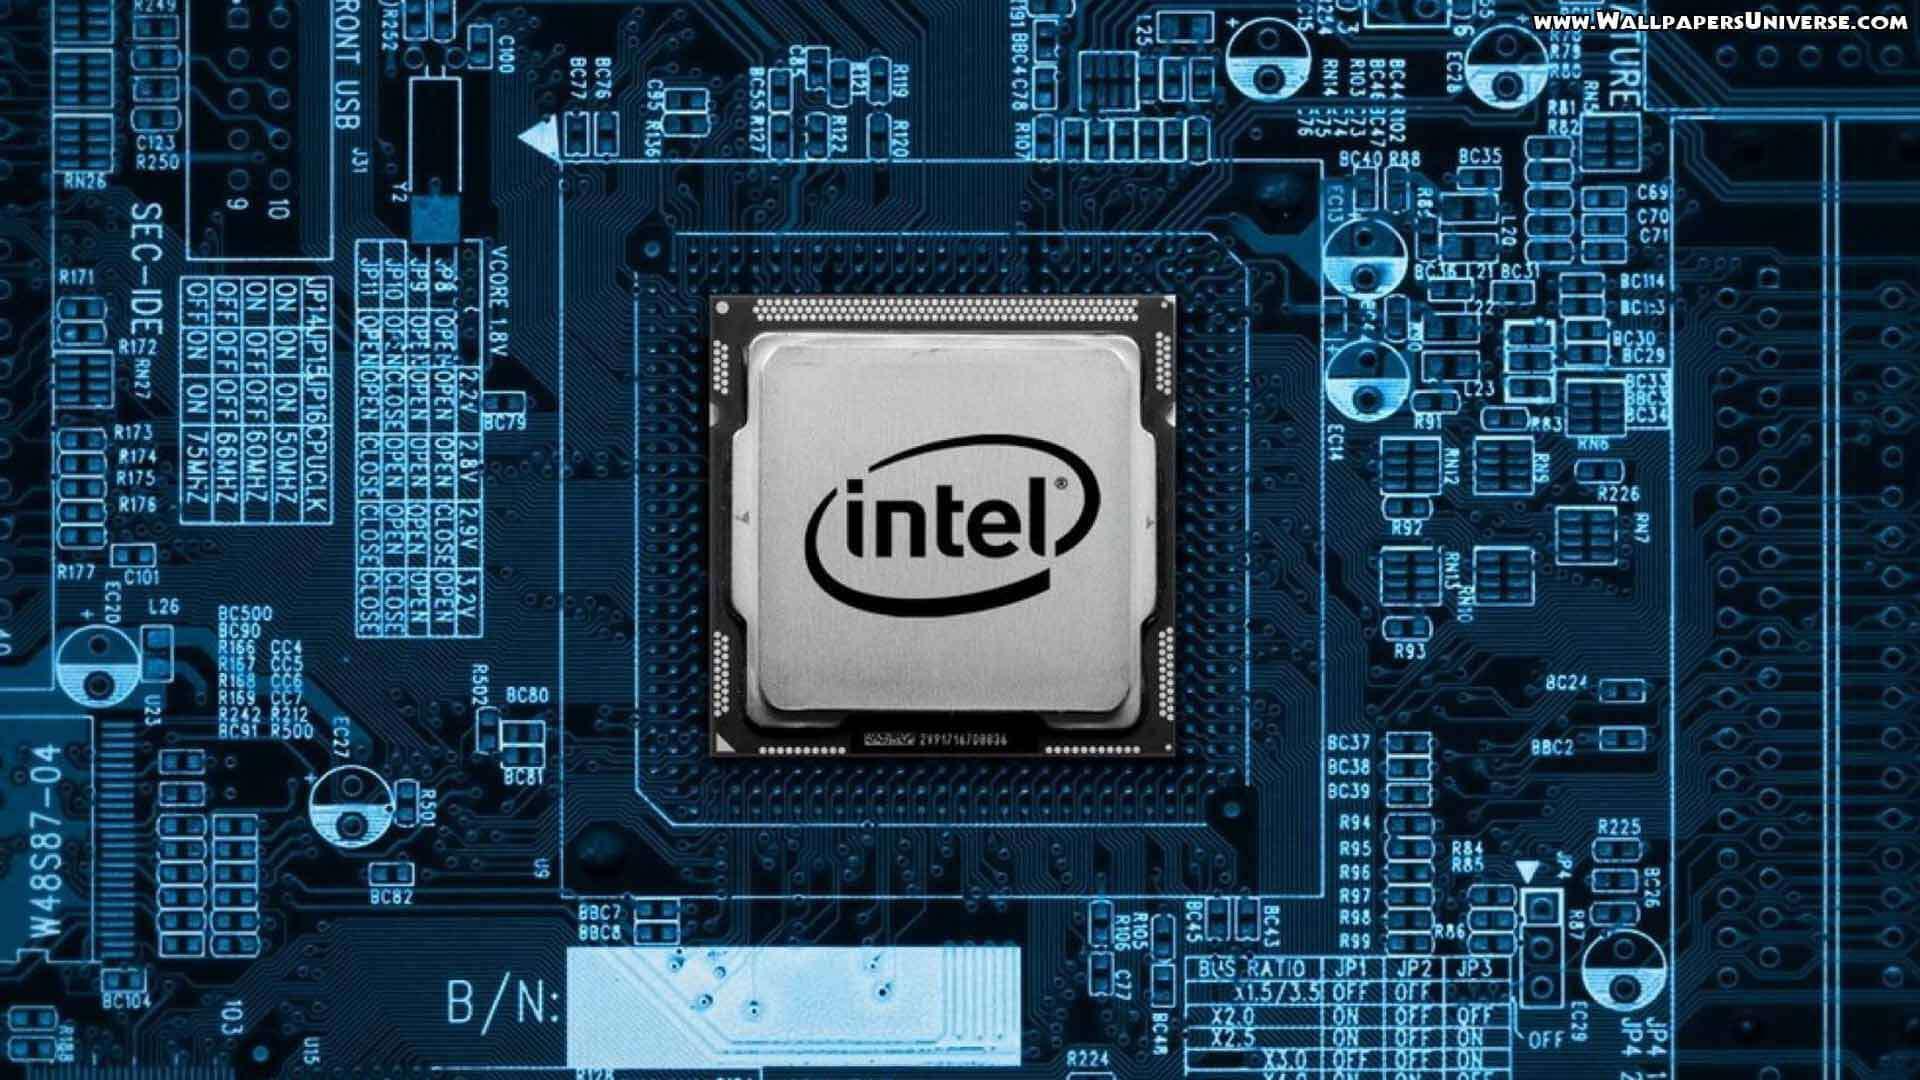 15112752717663 - Falha grave em processadores Intel pode prejudicar seu PC